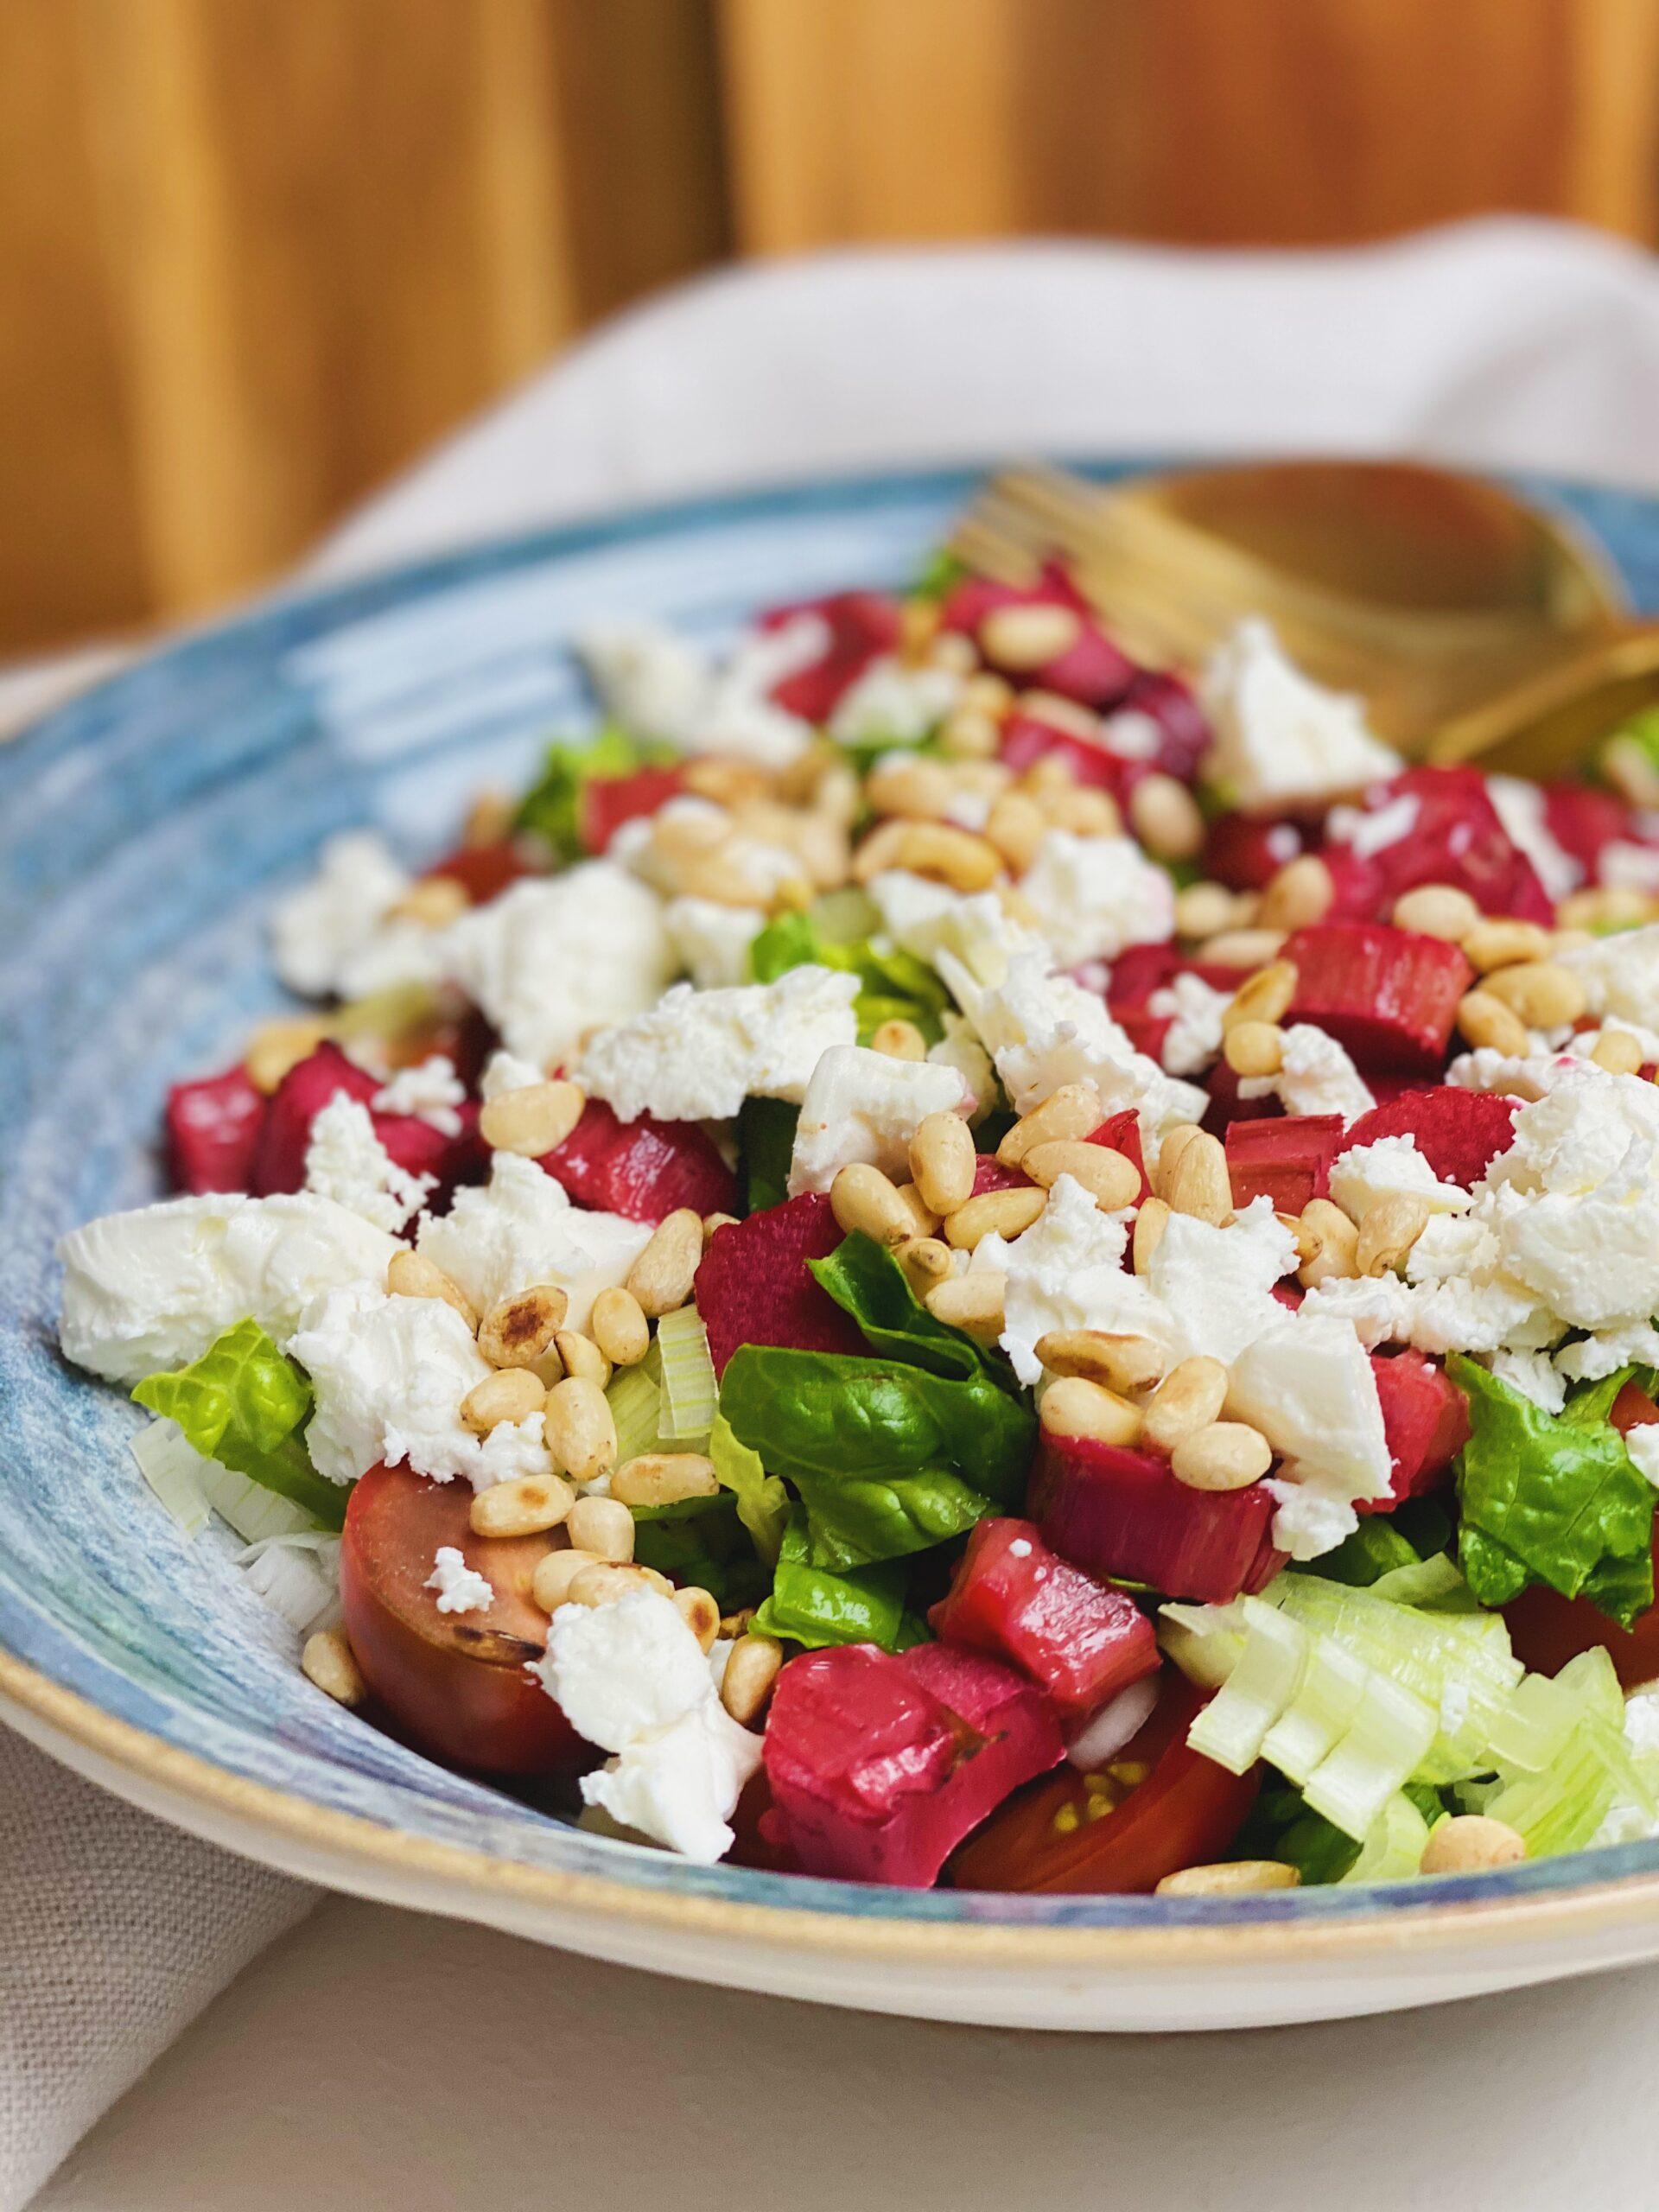 salat med bagte rabarber ind fra siden